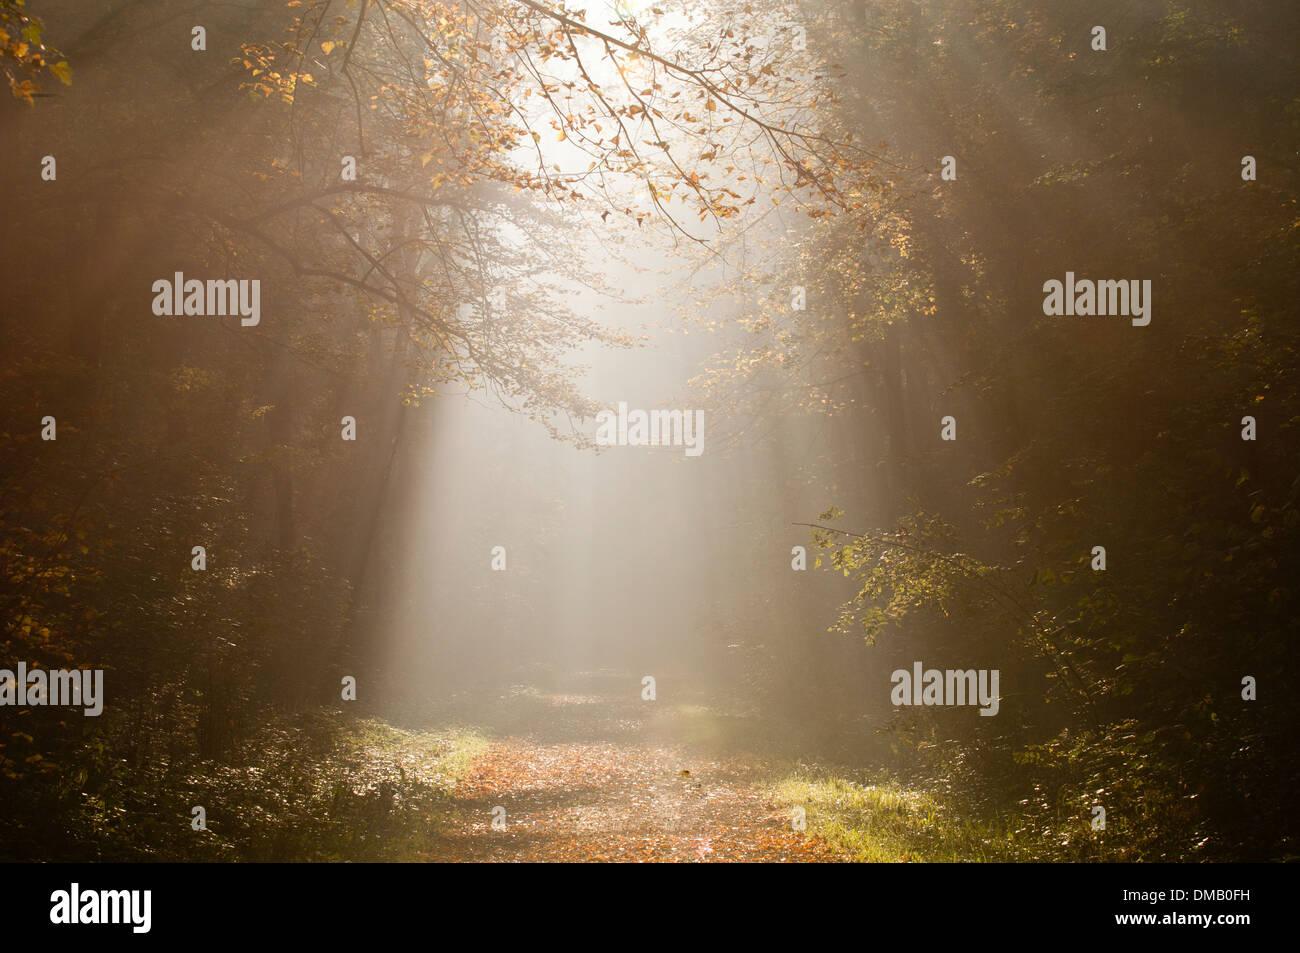 Les rayons du soleil dans une forêt d'automne Photo Stock